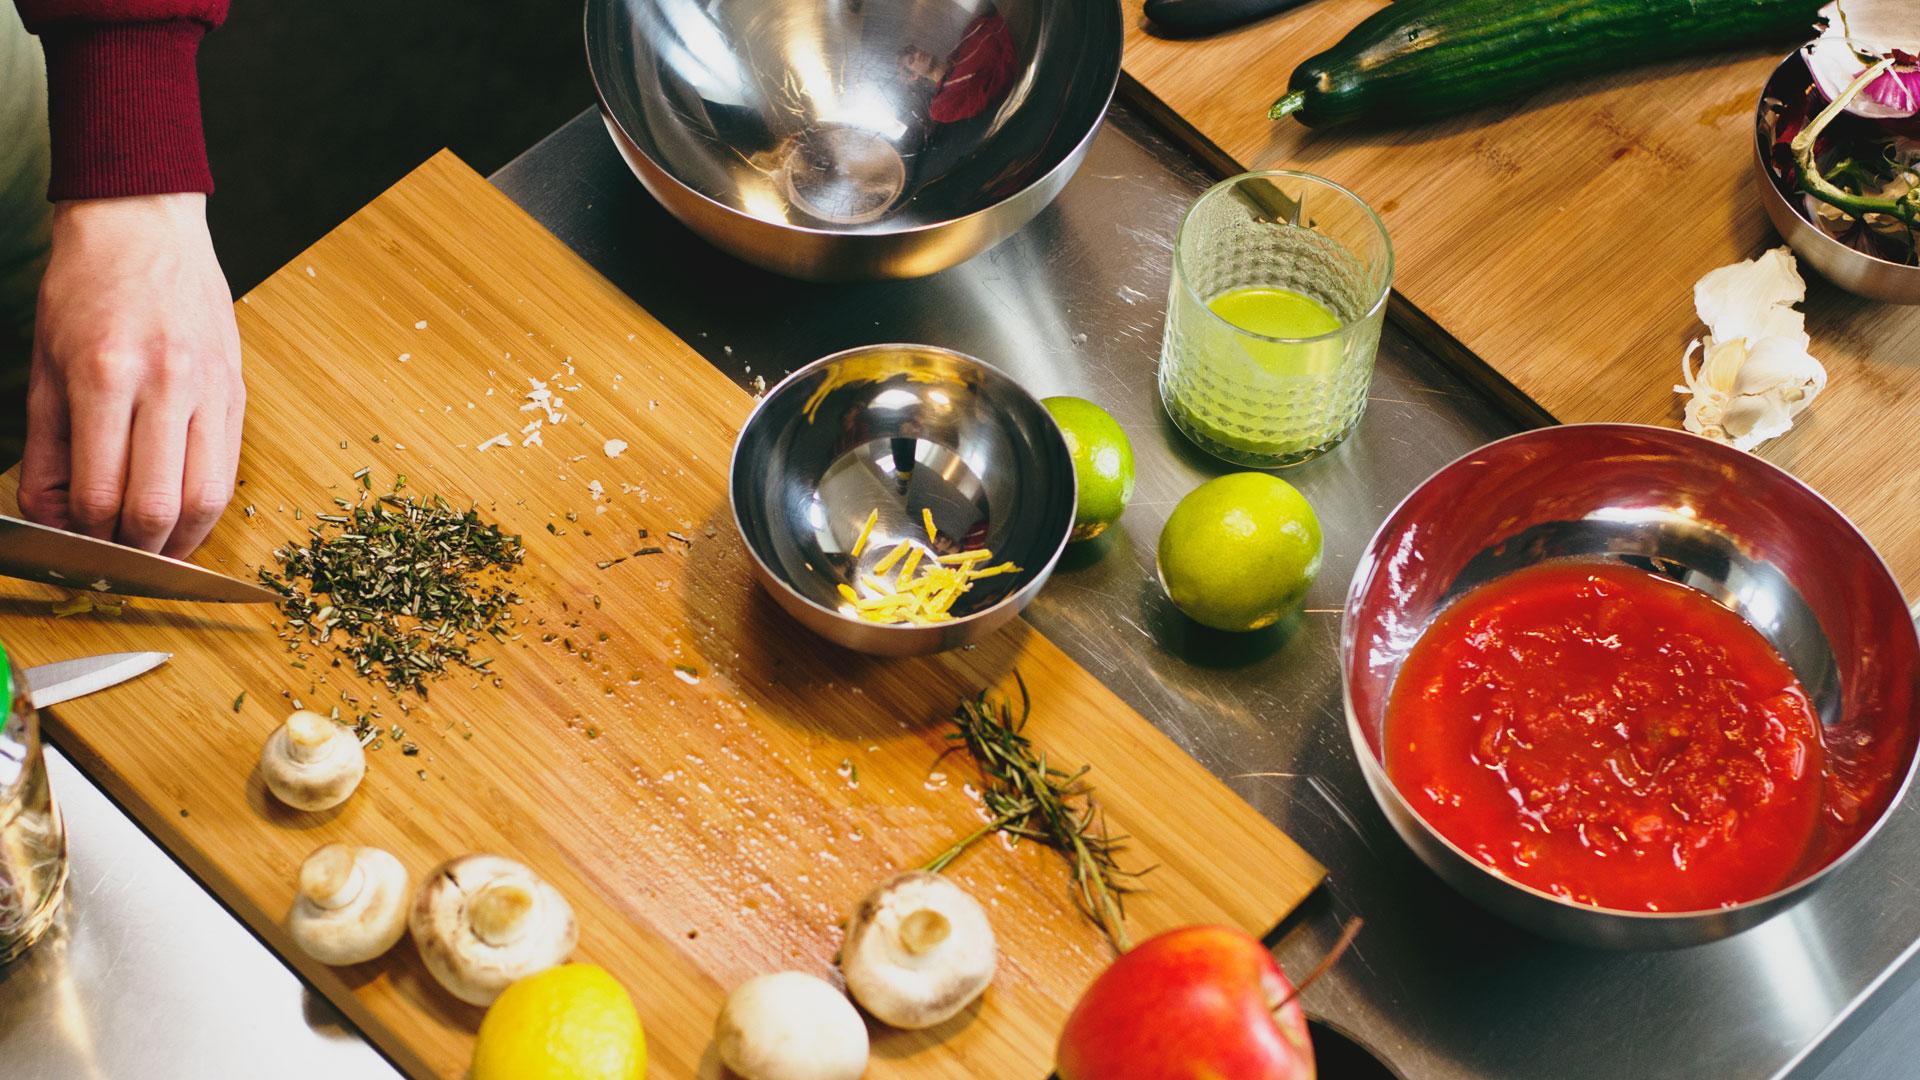 Preparing-ingredients-for-vegan-gluten-free-lentil-lemon-rosemary-rocket-salad-and-gazpacho-soup-Foodadit